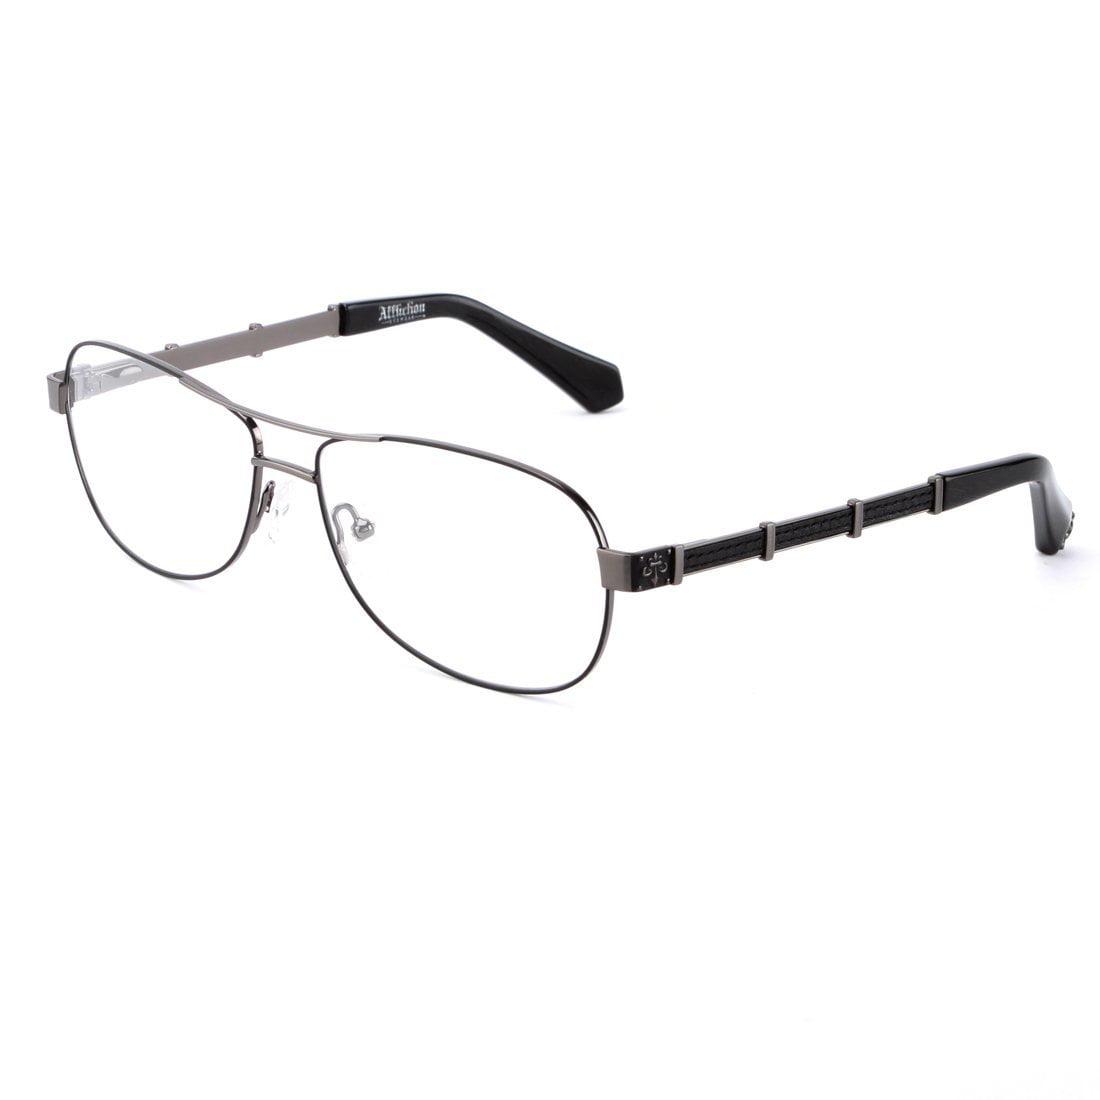 Image of Affliction OWEN Designer Eyeglasses Shiny Black/Silver